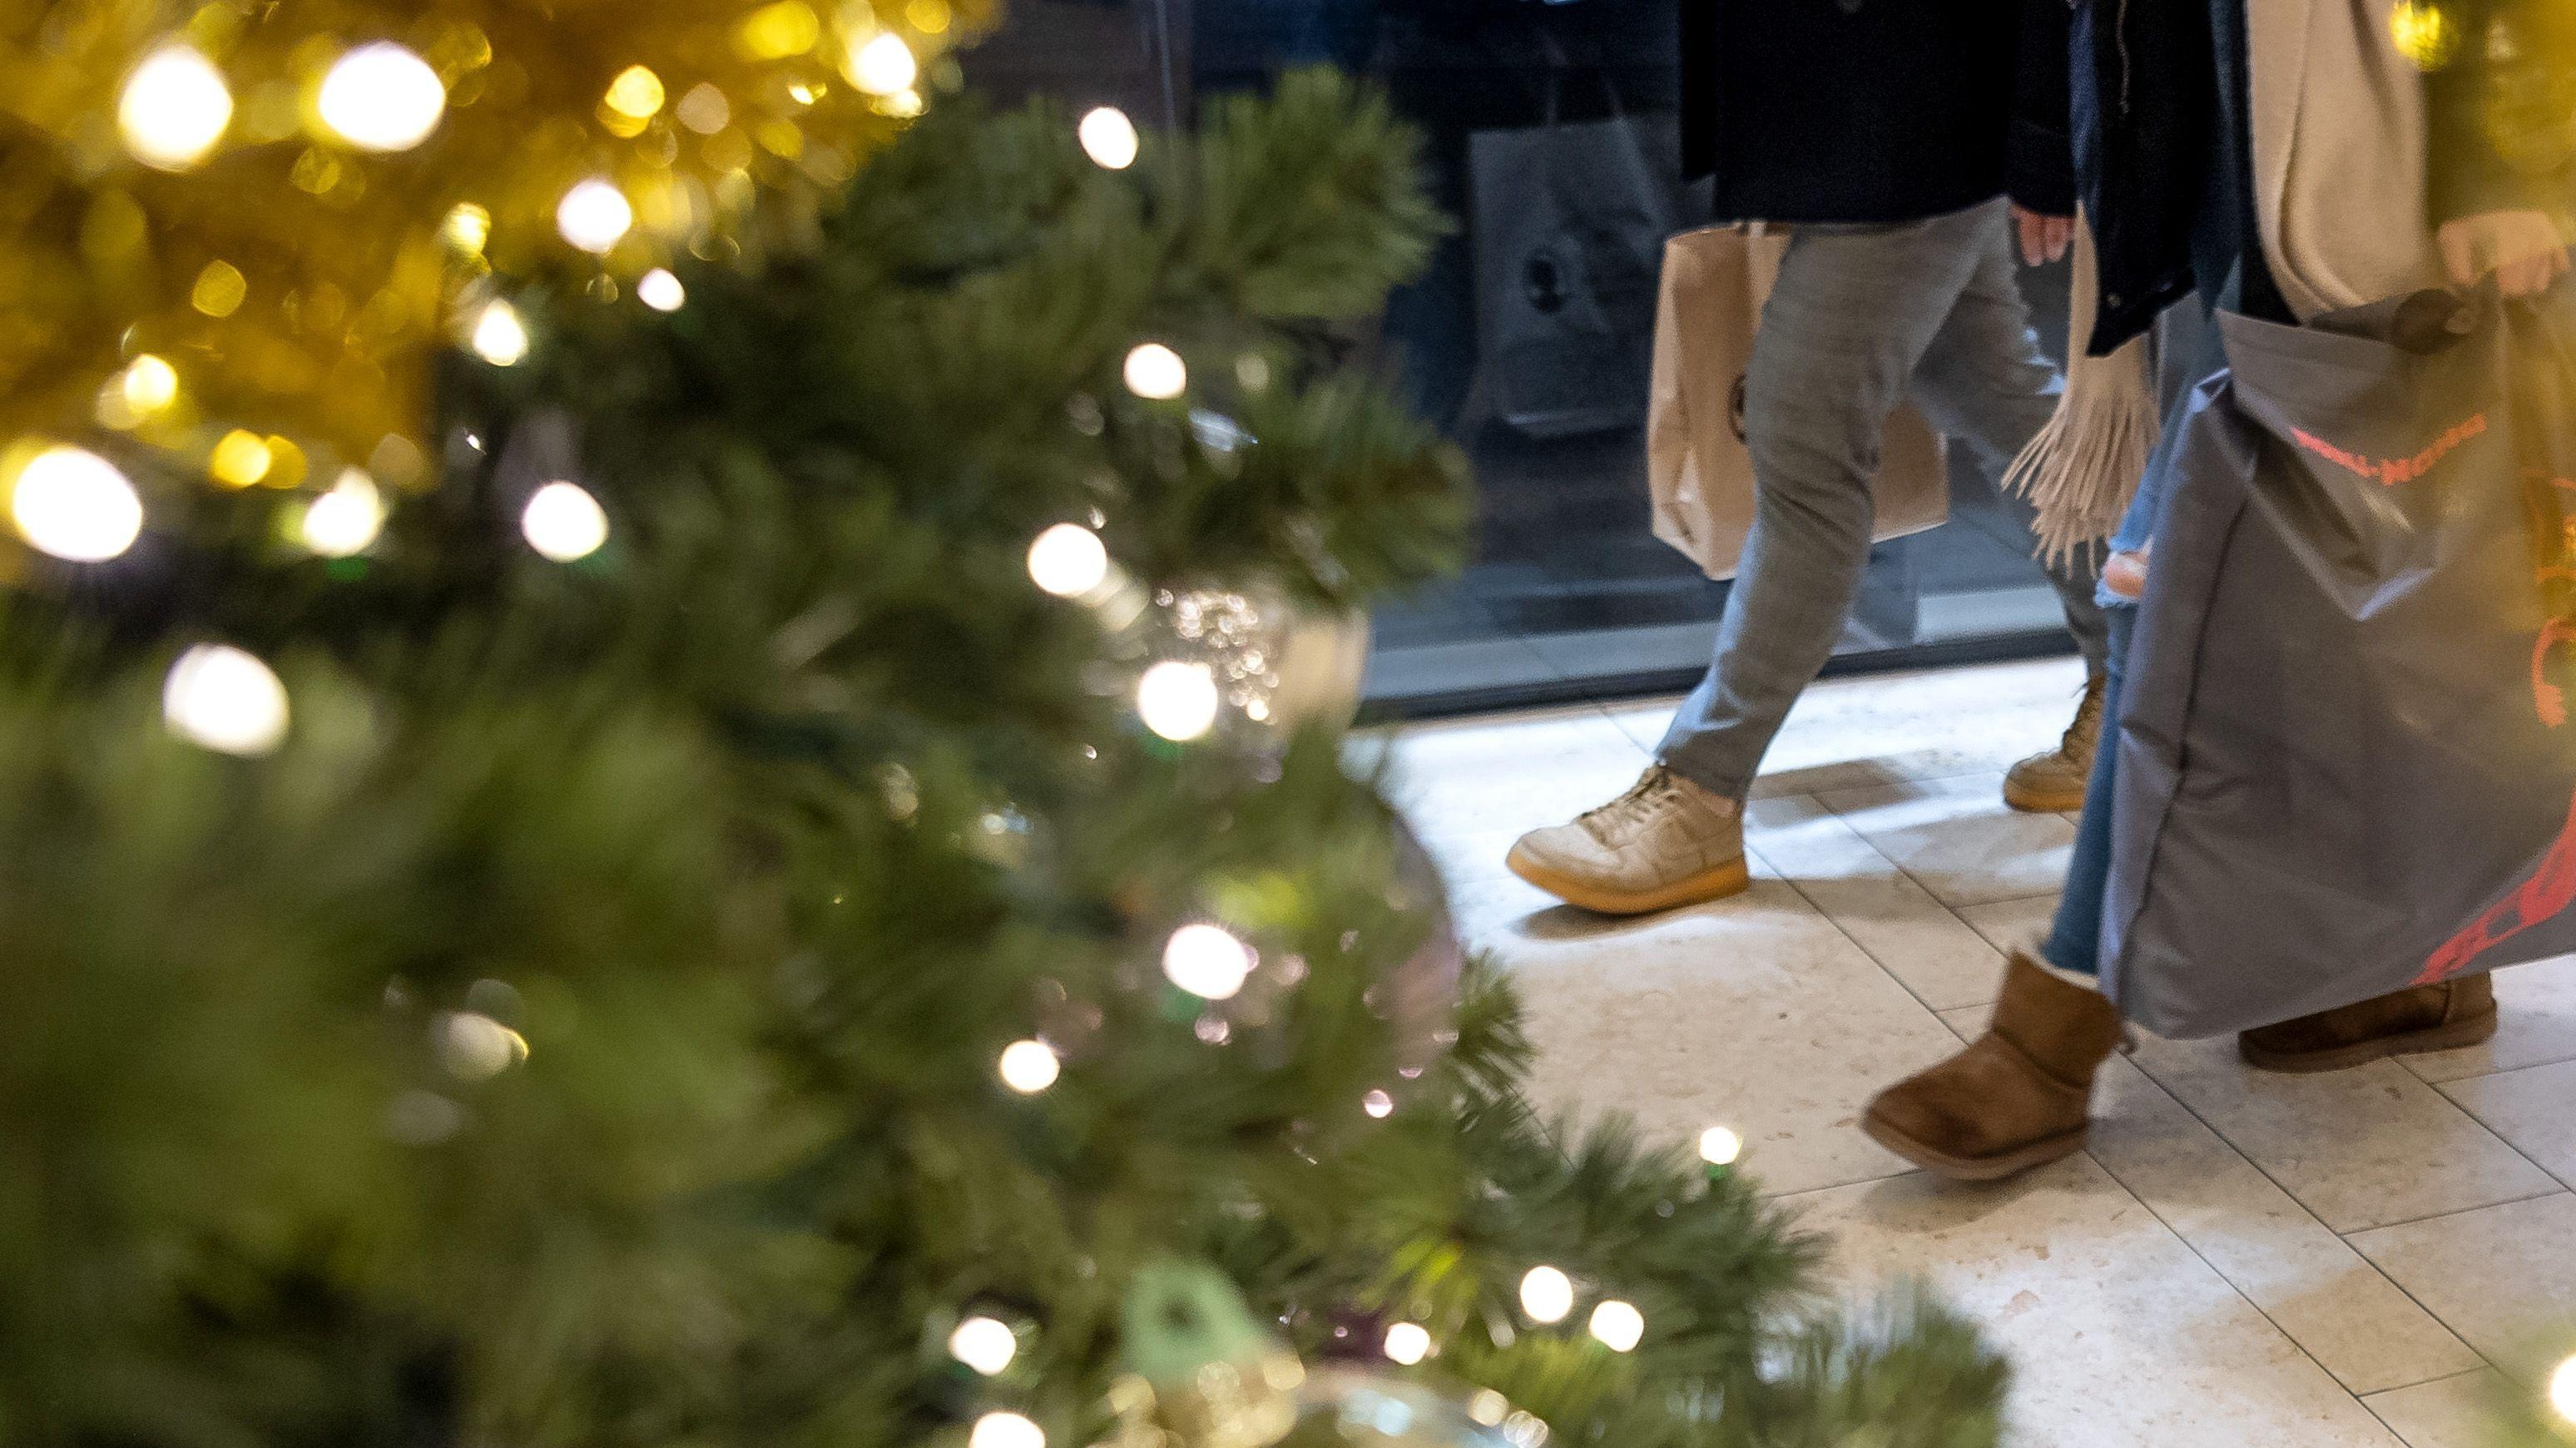 Weihnachtsshopping im Kaufhaus mit weihnachtlicher Beleuchtung